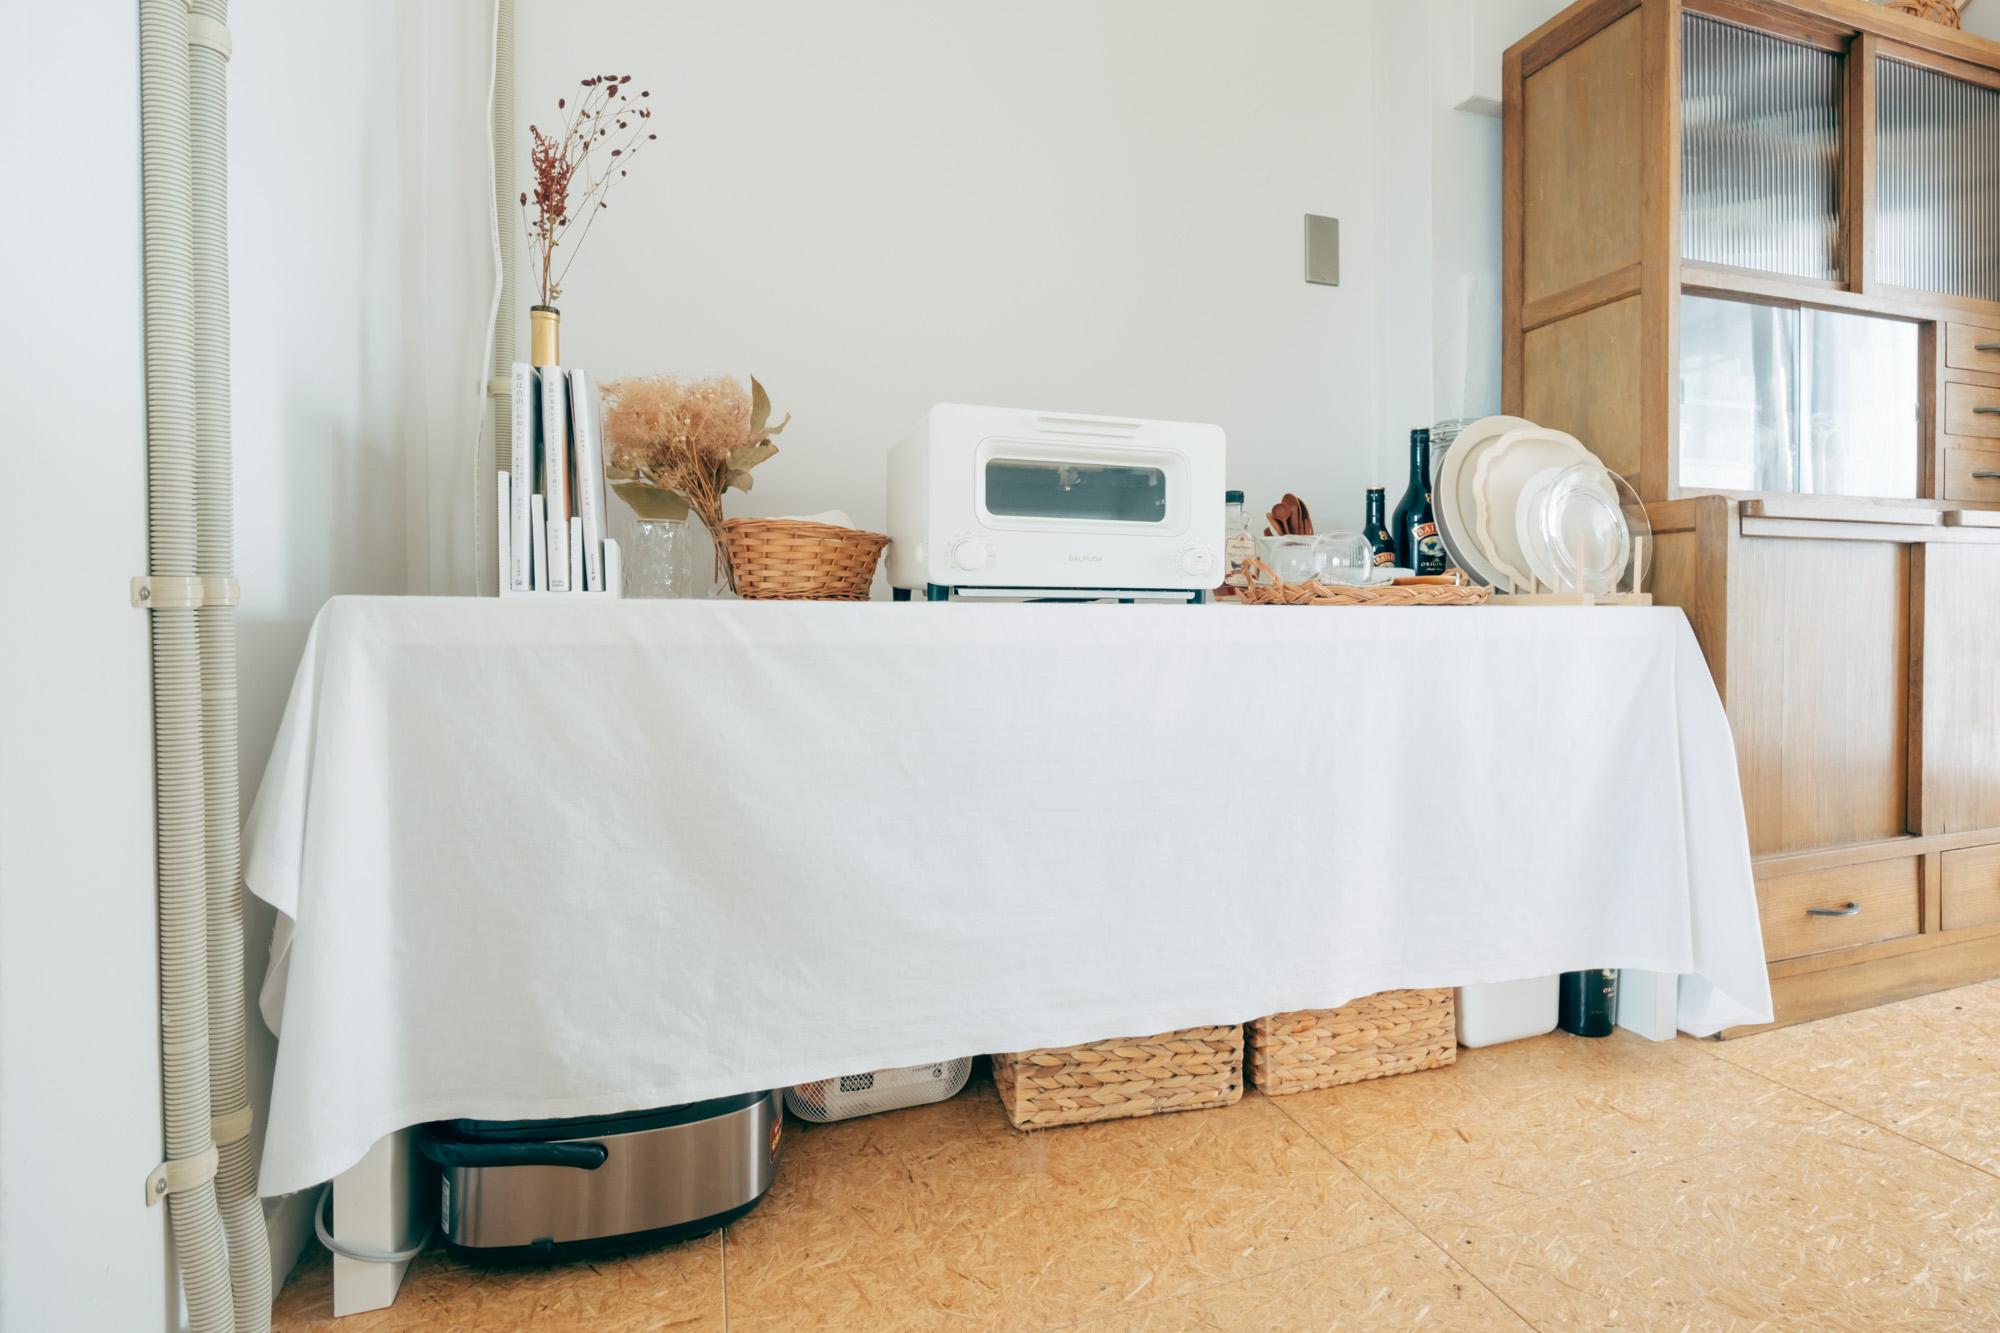 フレキシブルに使えるように考えられている、MUJI×URの家具。カウンター用のベンチは、キッチンの収納棚としてこちらで活躍。